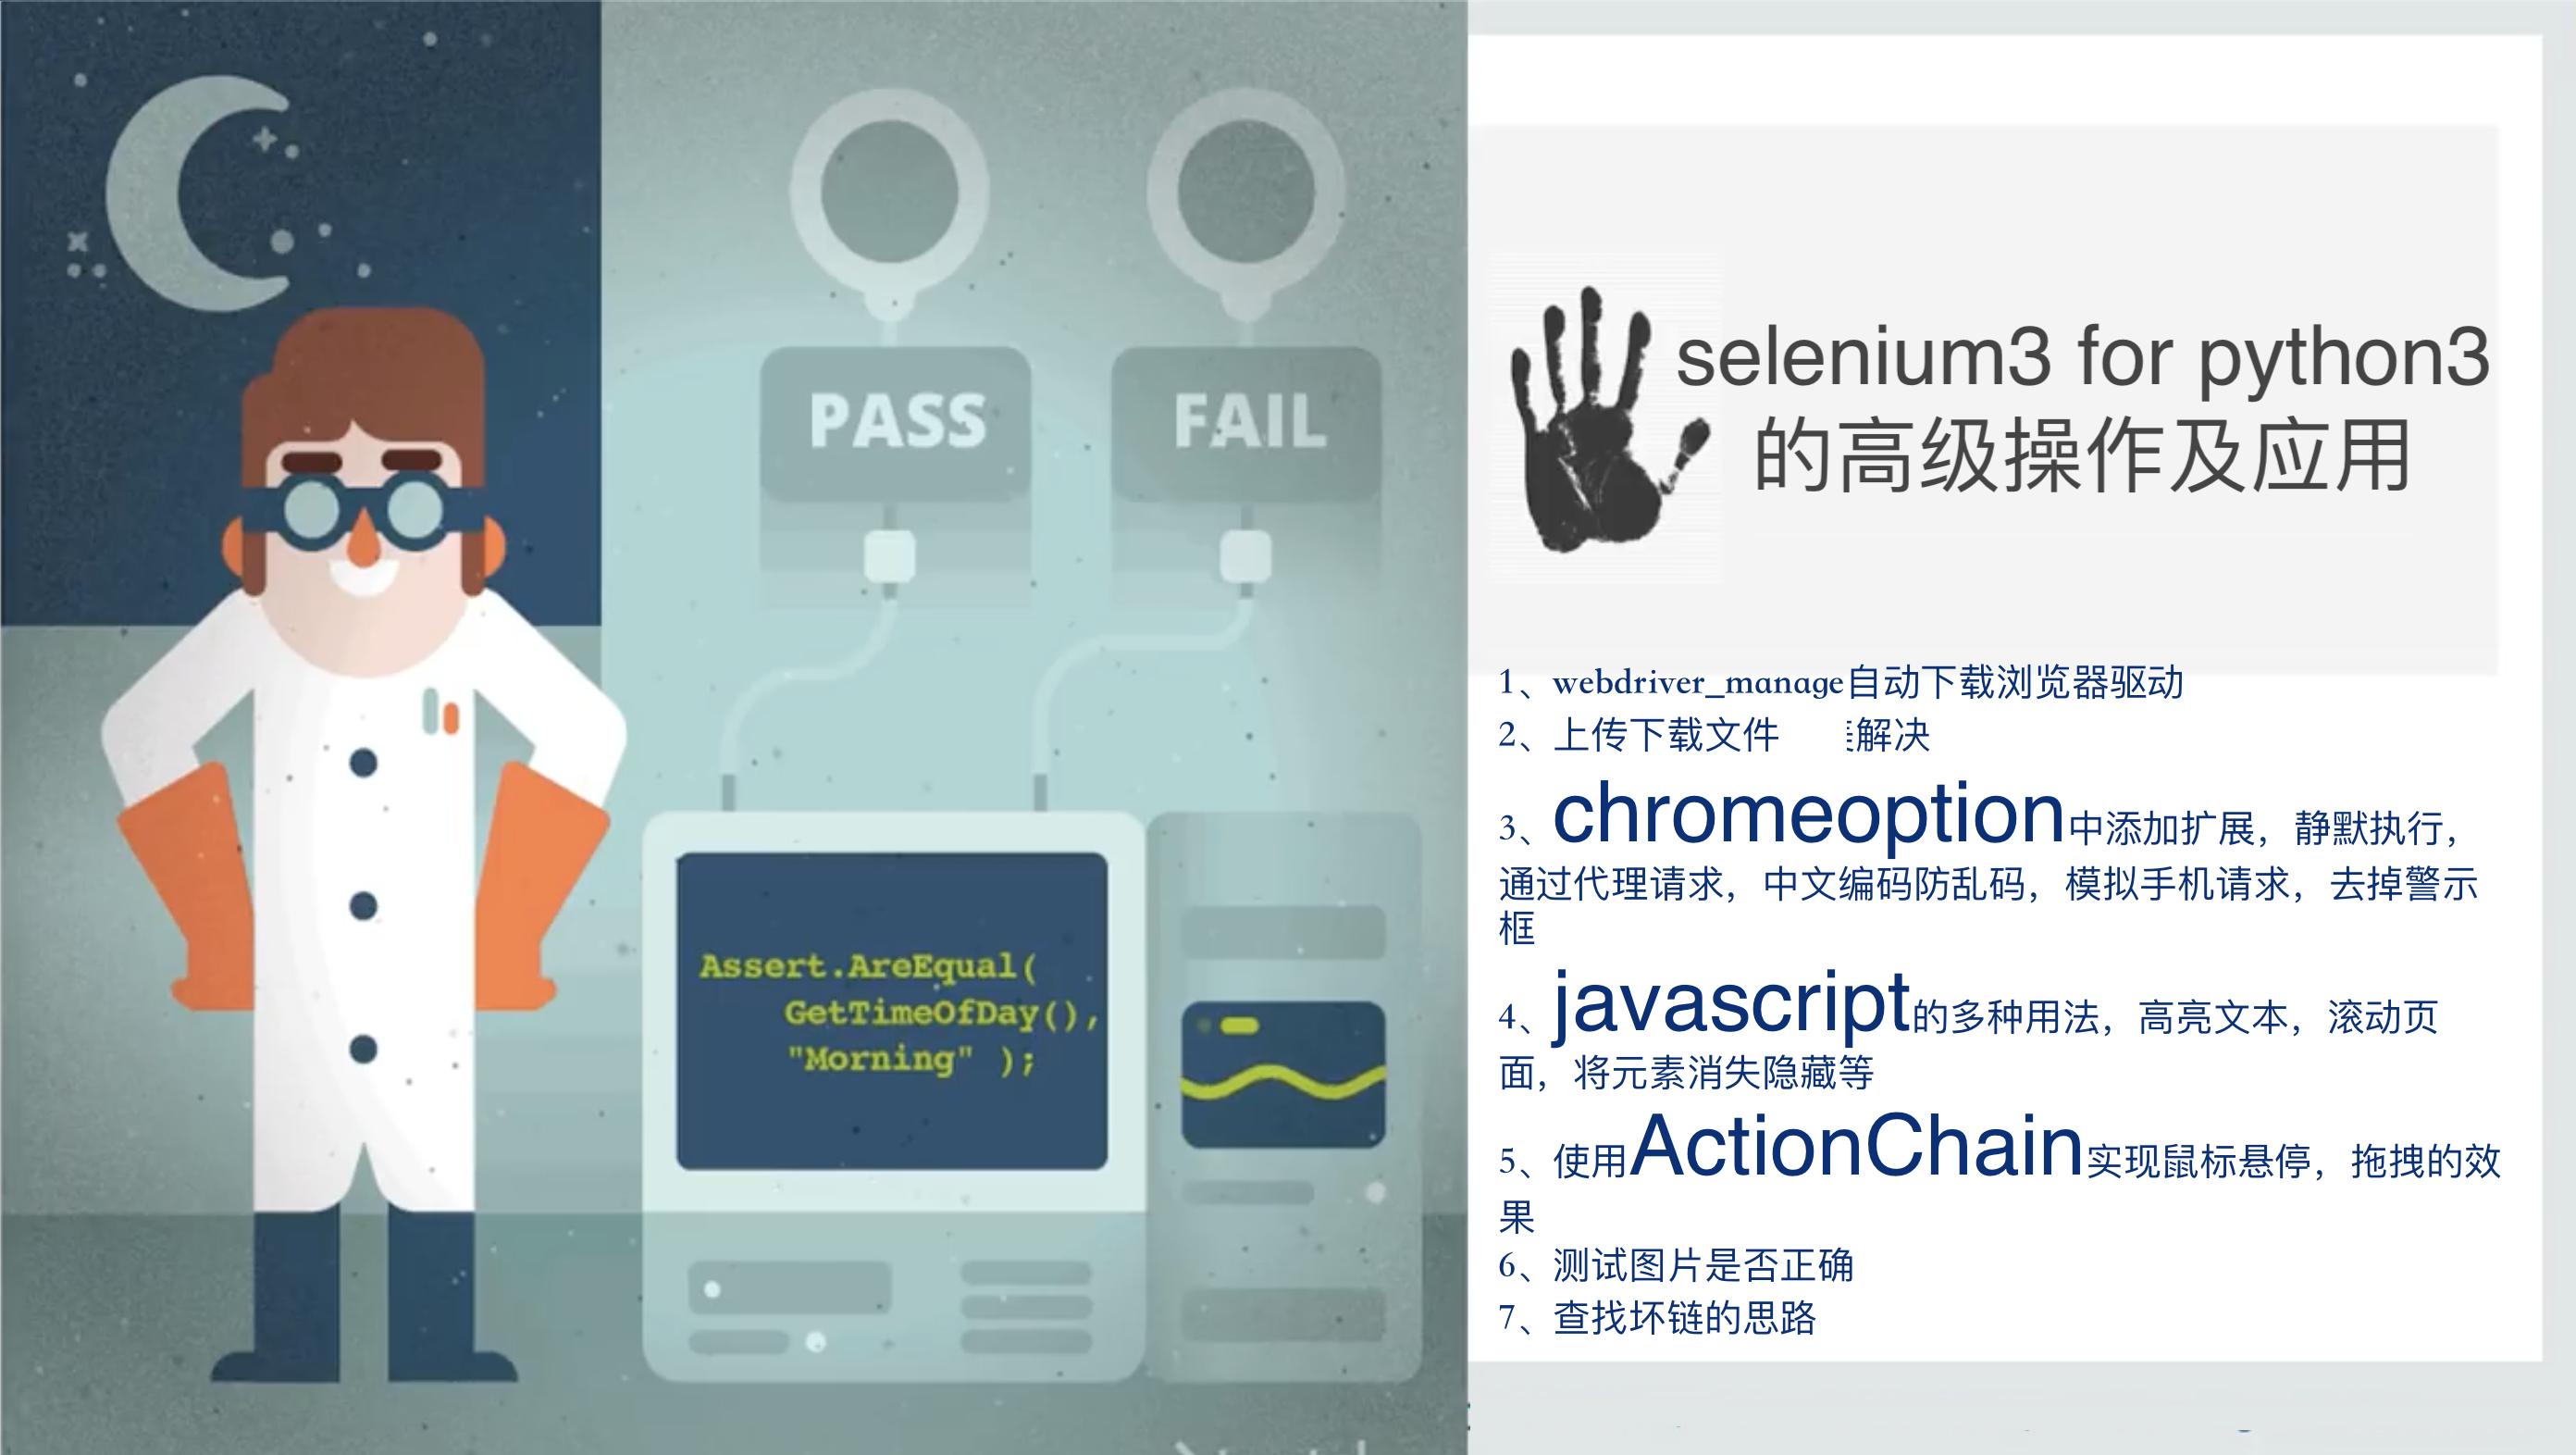 selenium3 for python的后续实用操作和应用